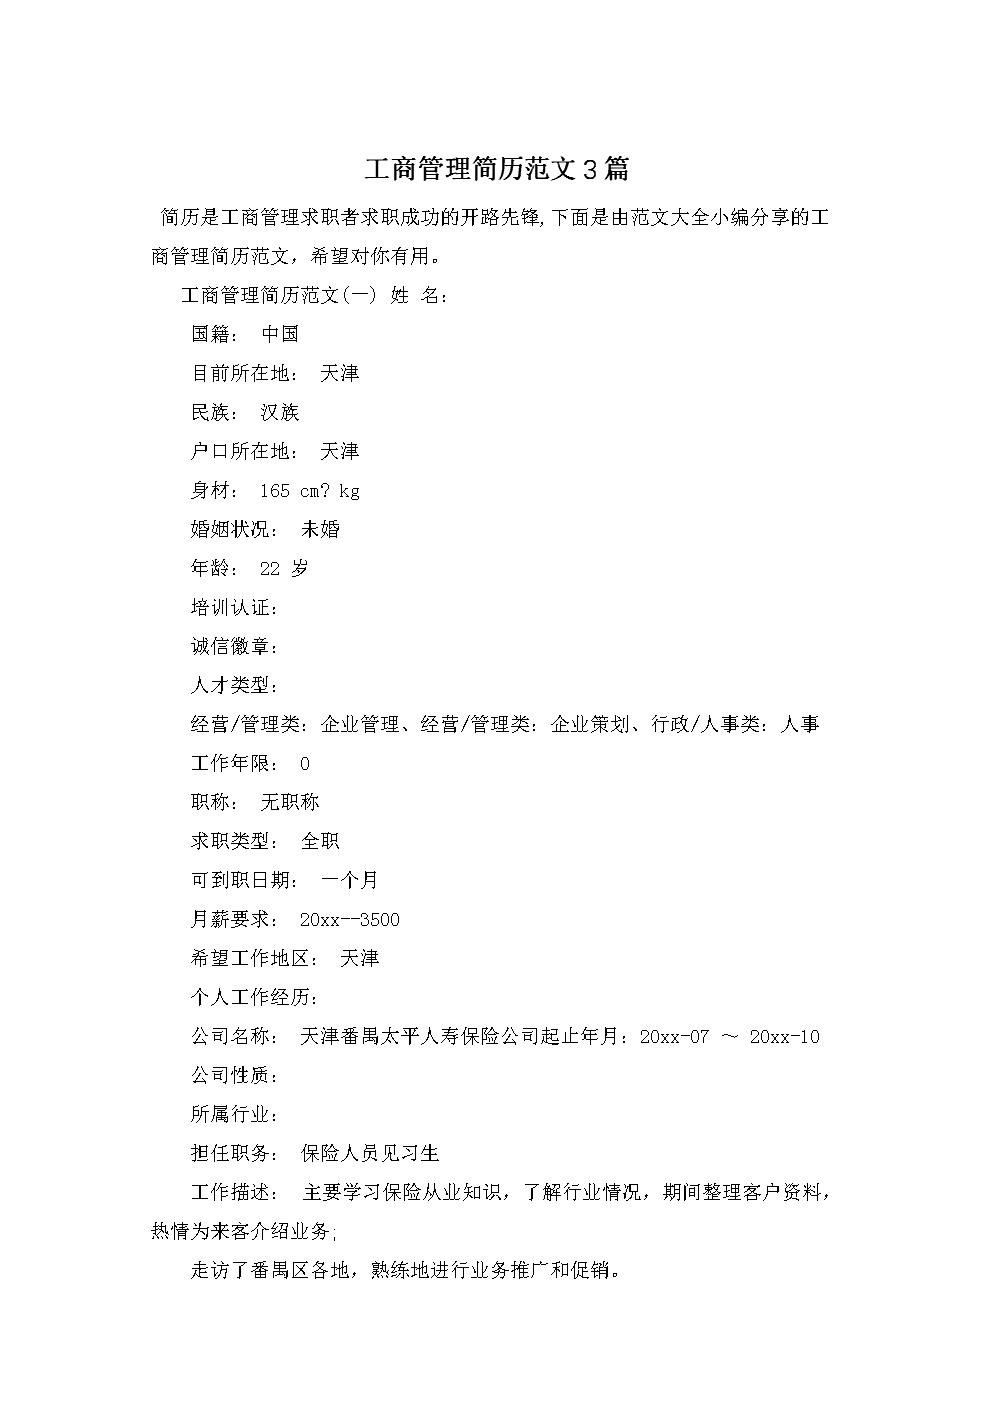 工商管理简历范文3篇—最新范文.doc